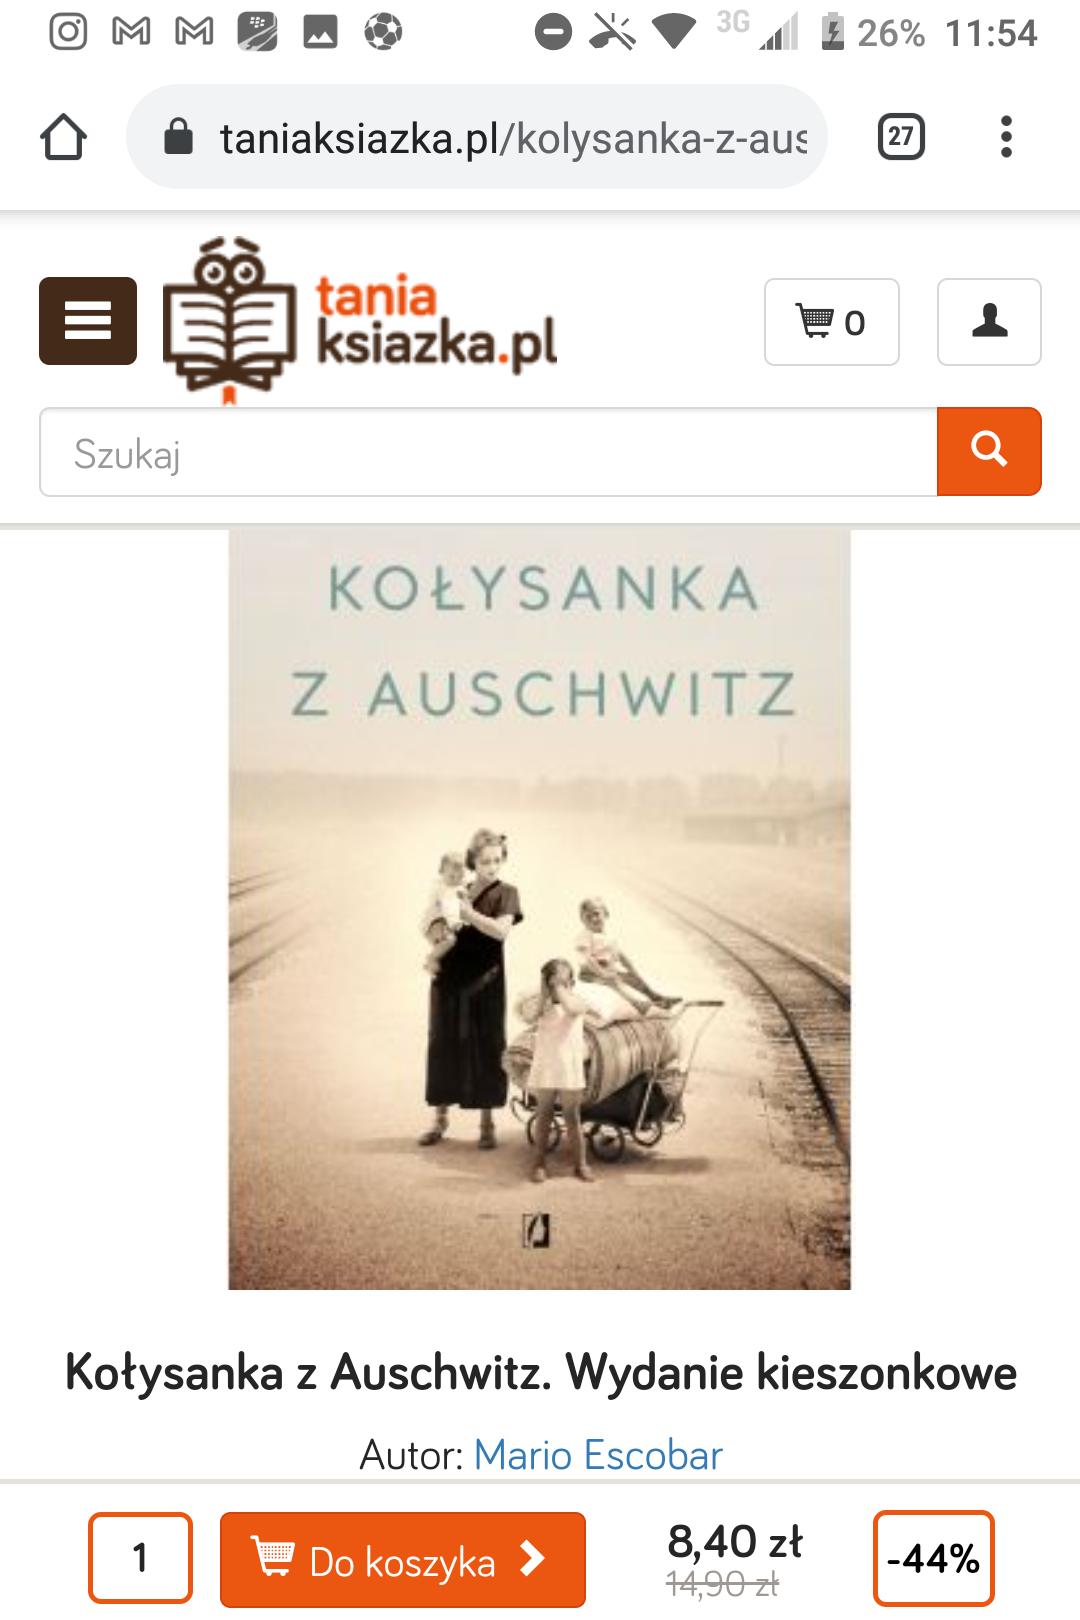 Kołysanka z Auschwitz wydanie kieszonkowe